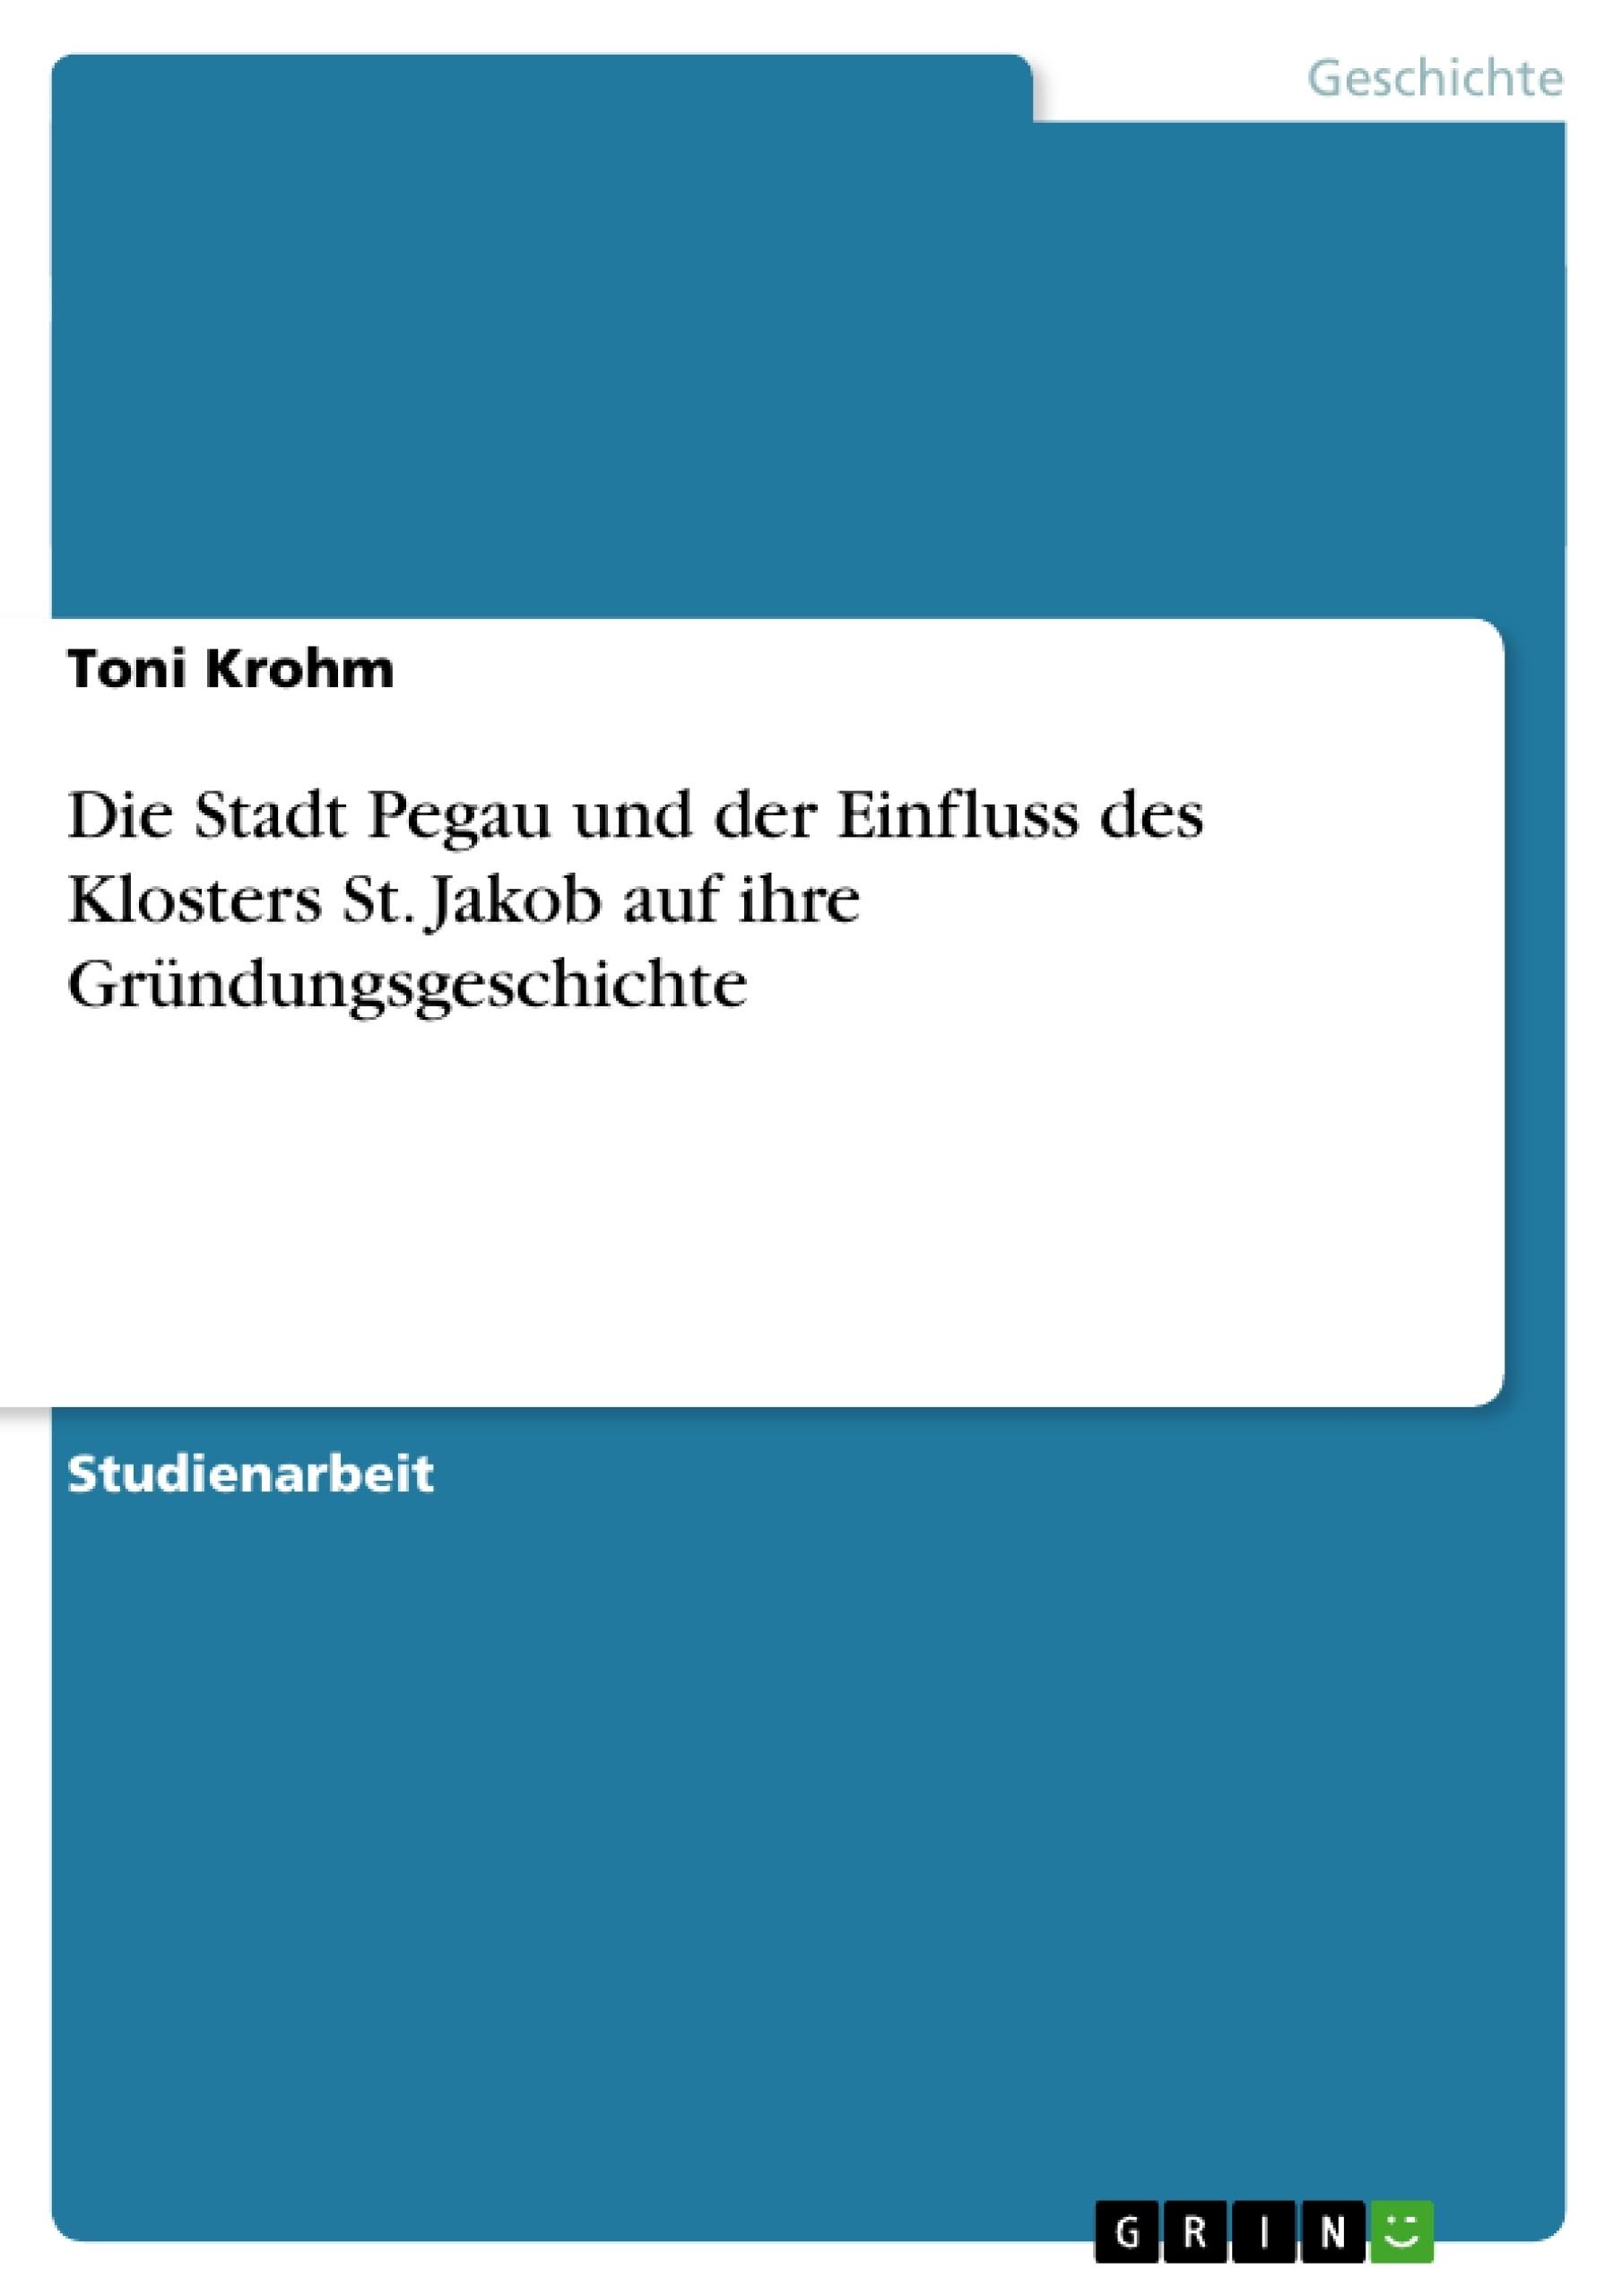 Titel: Die Stadt Pegau und der Einfluss des Klosters St. Jakob auf ihre Gründungsgeschichte